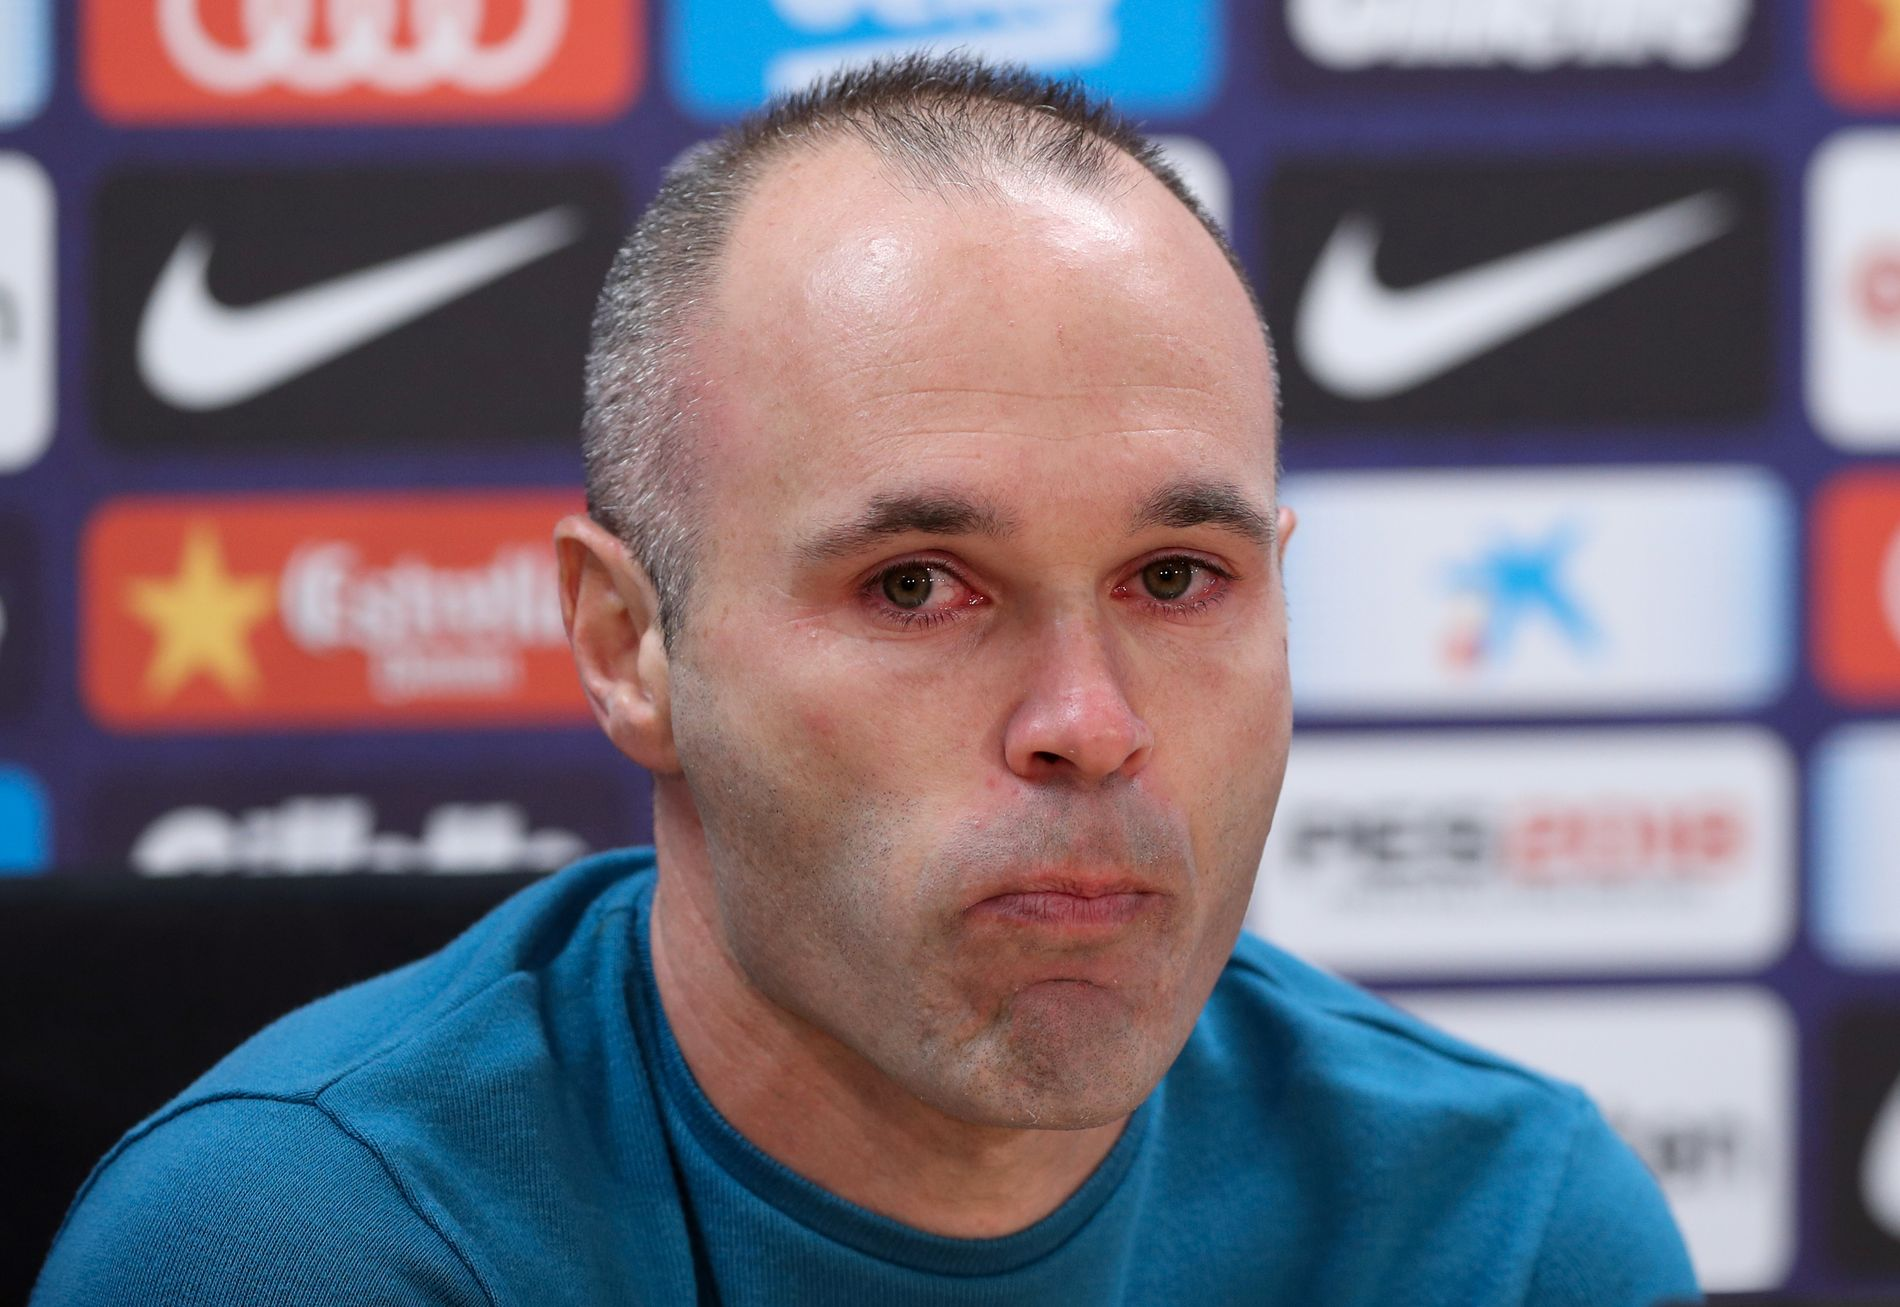 Det var en rørt Andrés Iniesta som annonserte Barcelona-exiten i forrige uke.